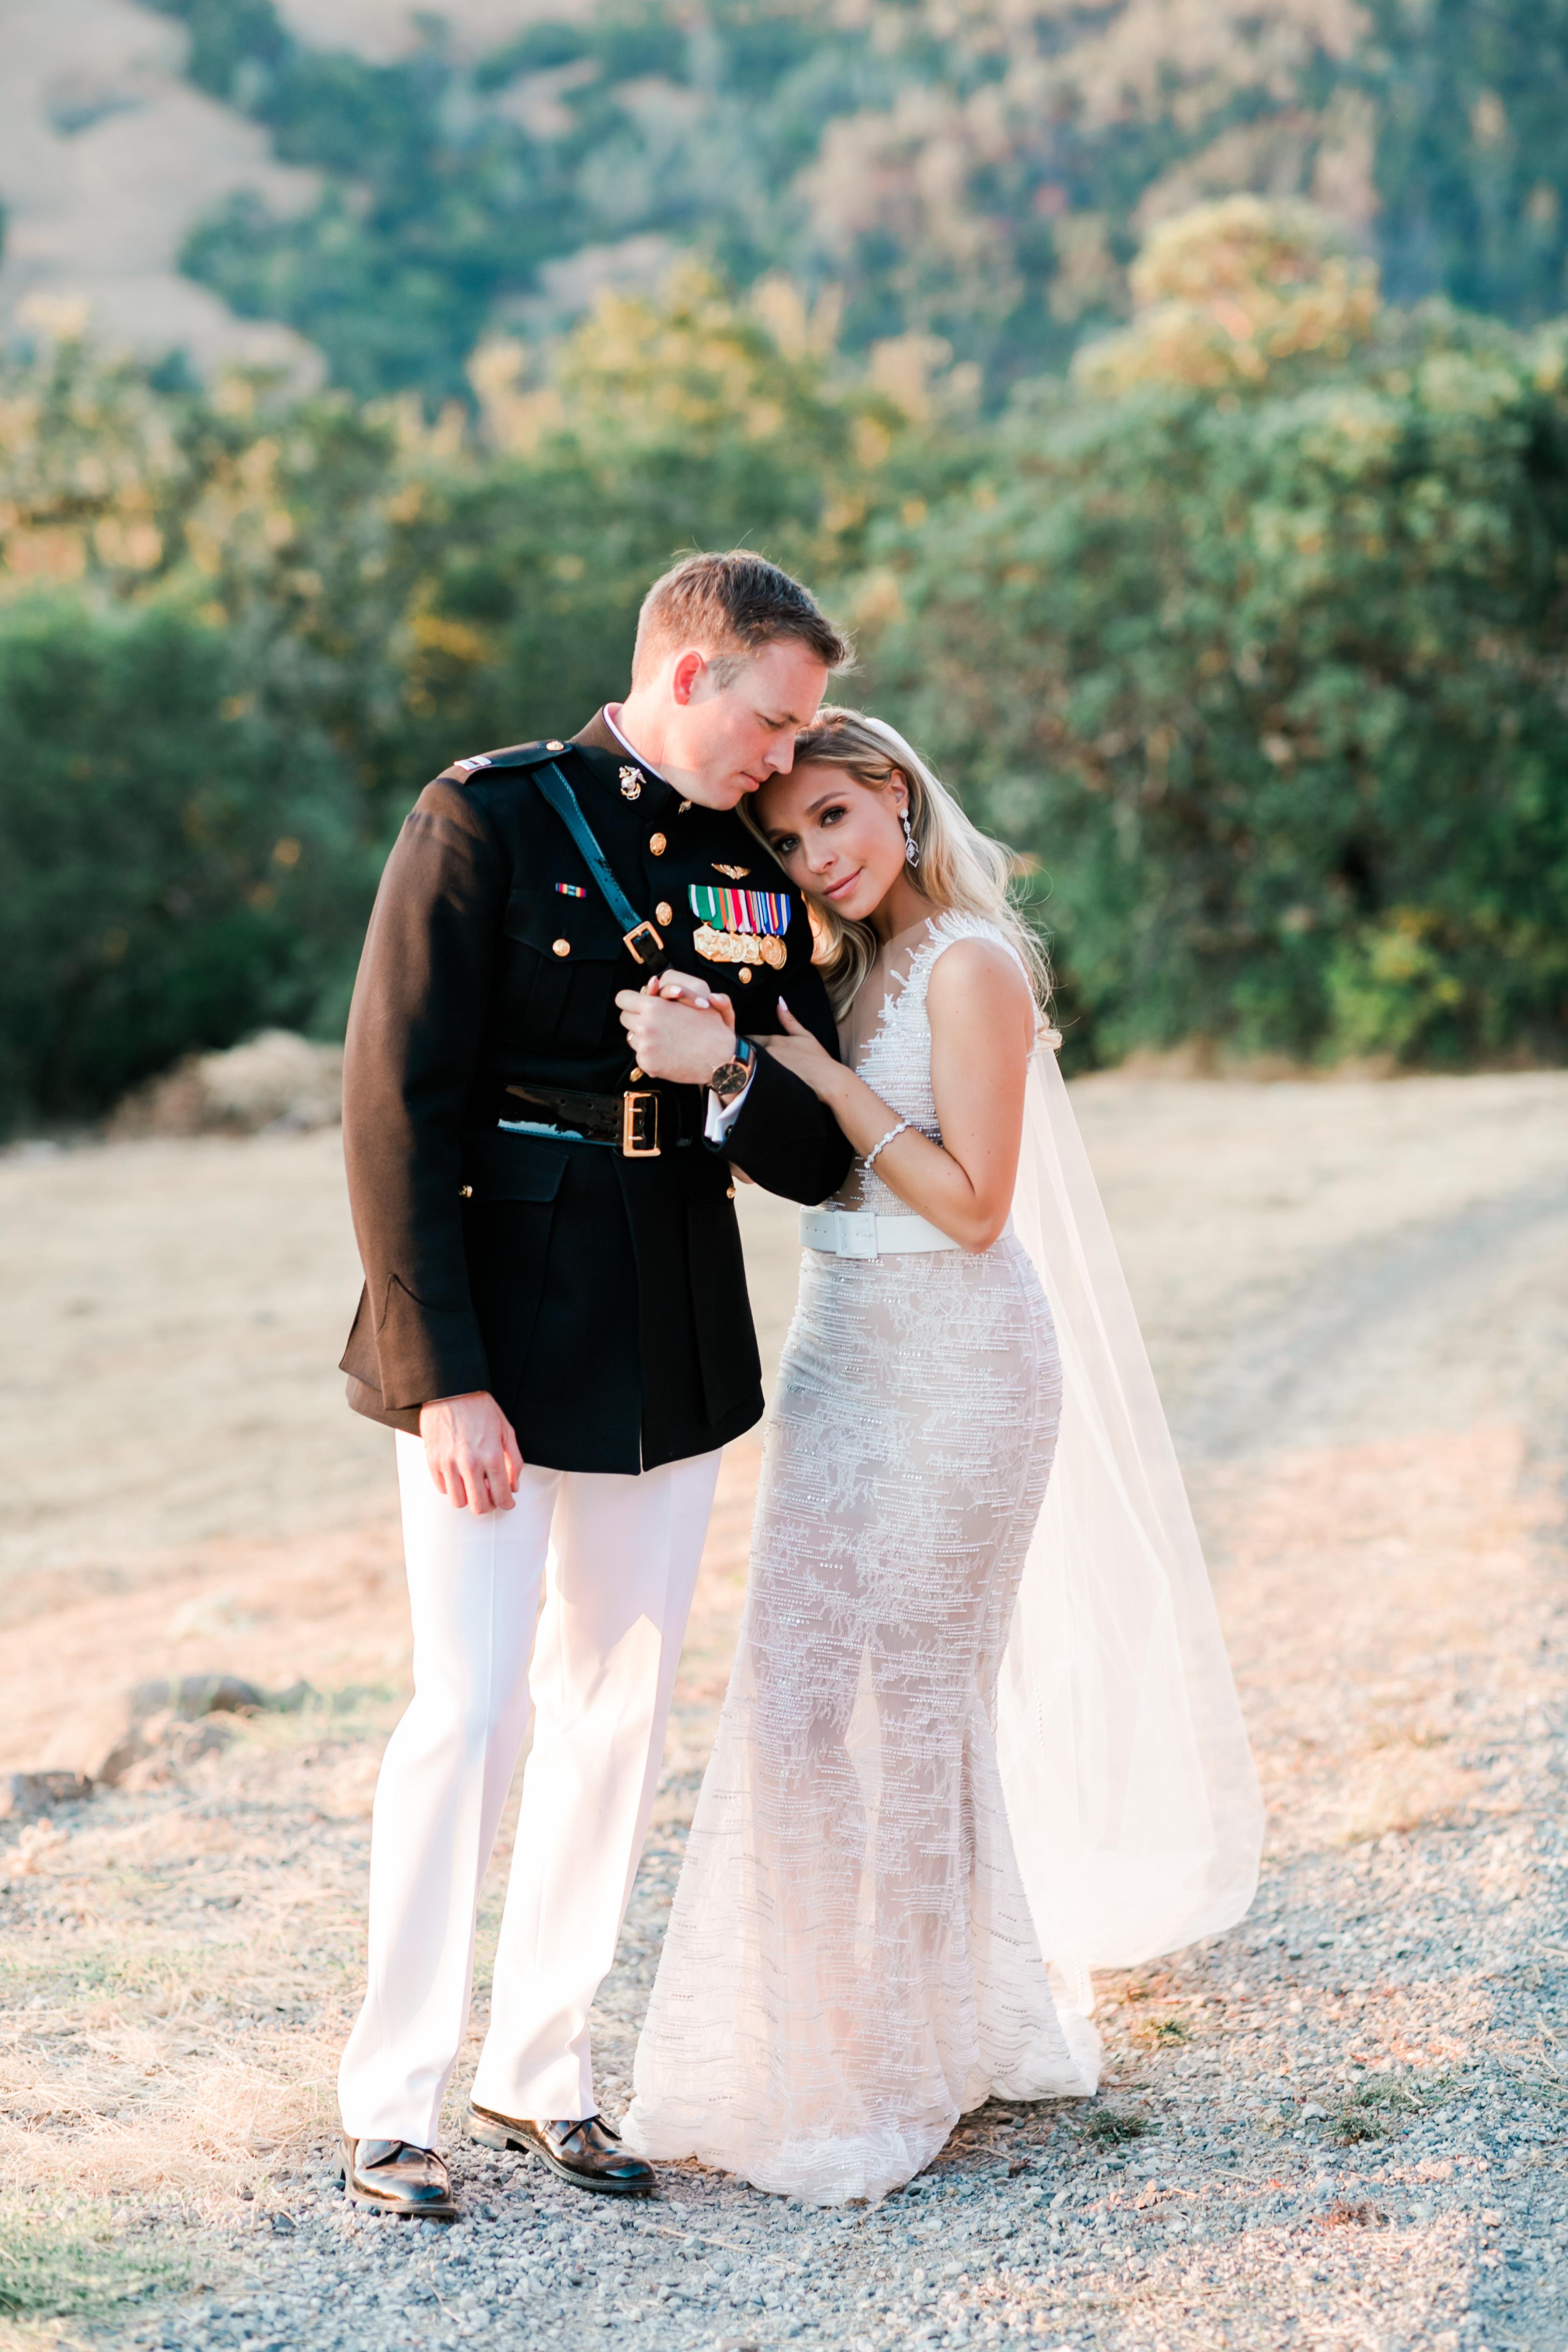 Kira Kazantsev and Andrew Dixon wedding